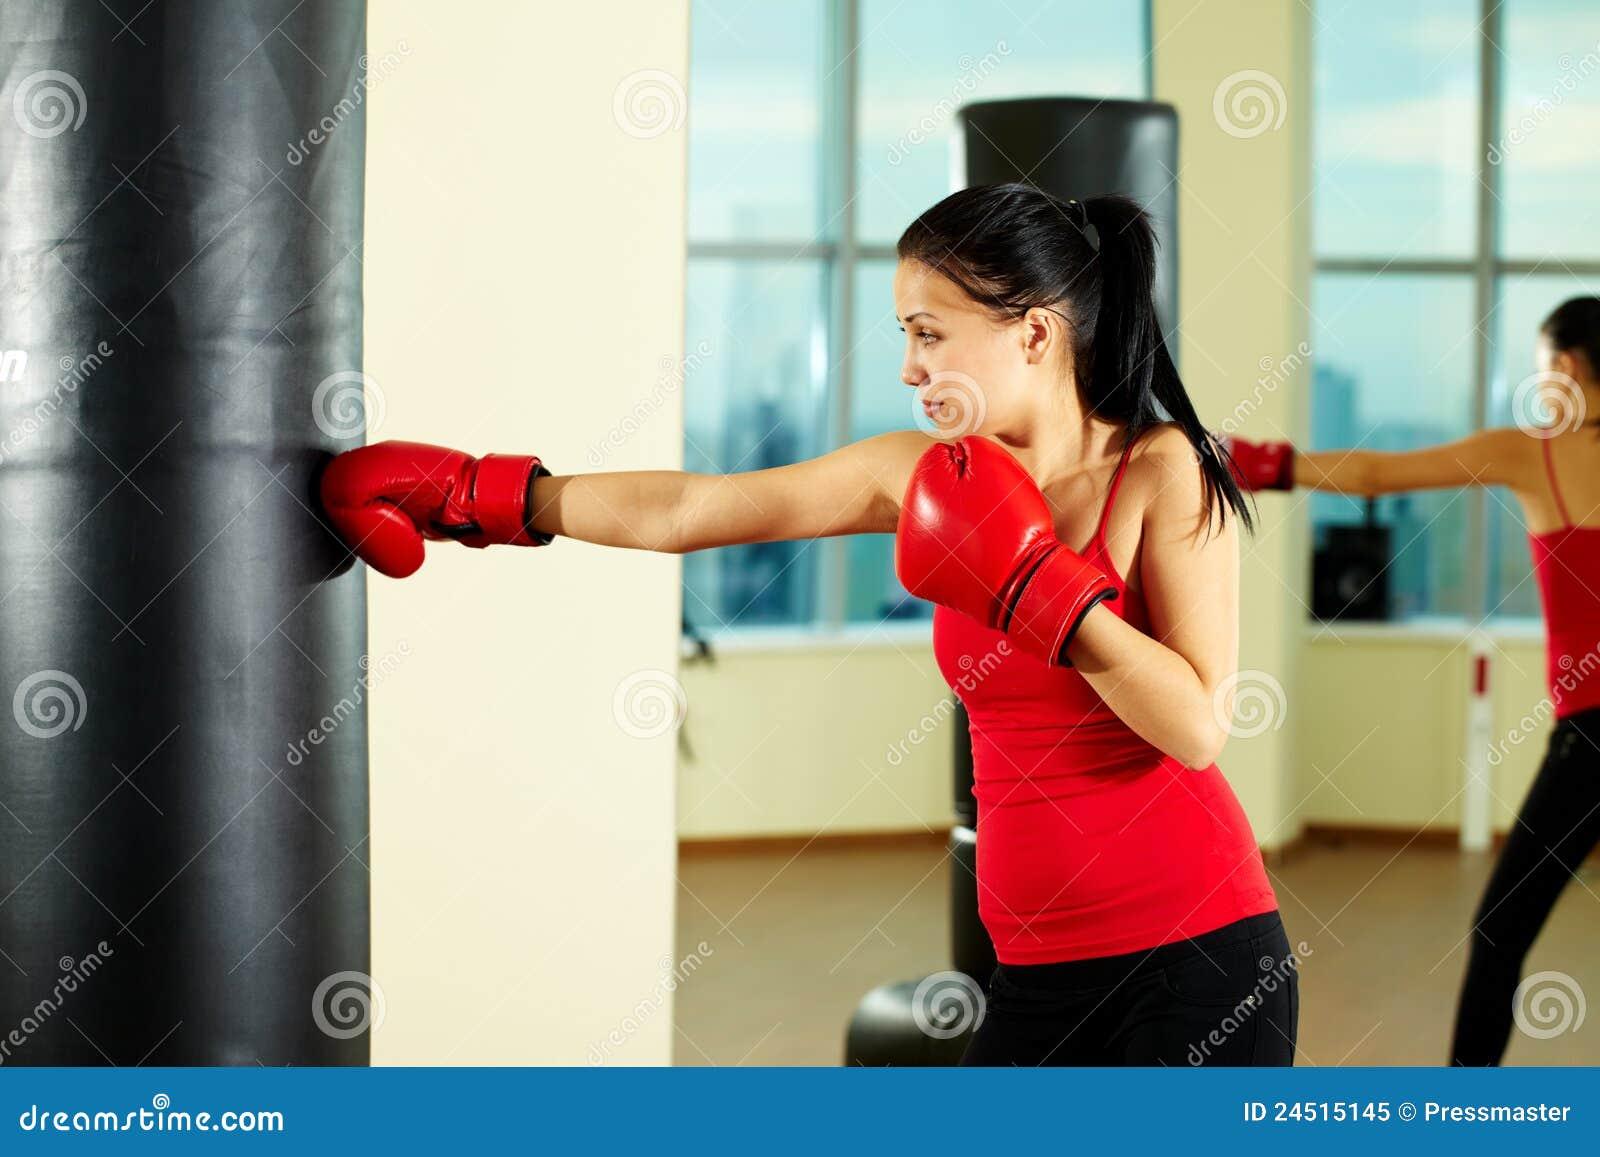 Фото брюнеток в боксерских перчатках 4 фотография